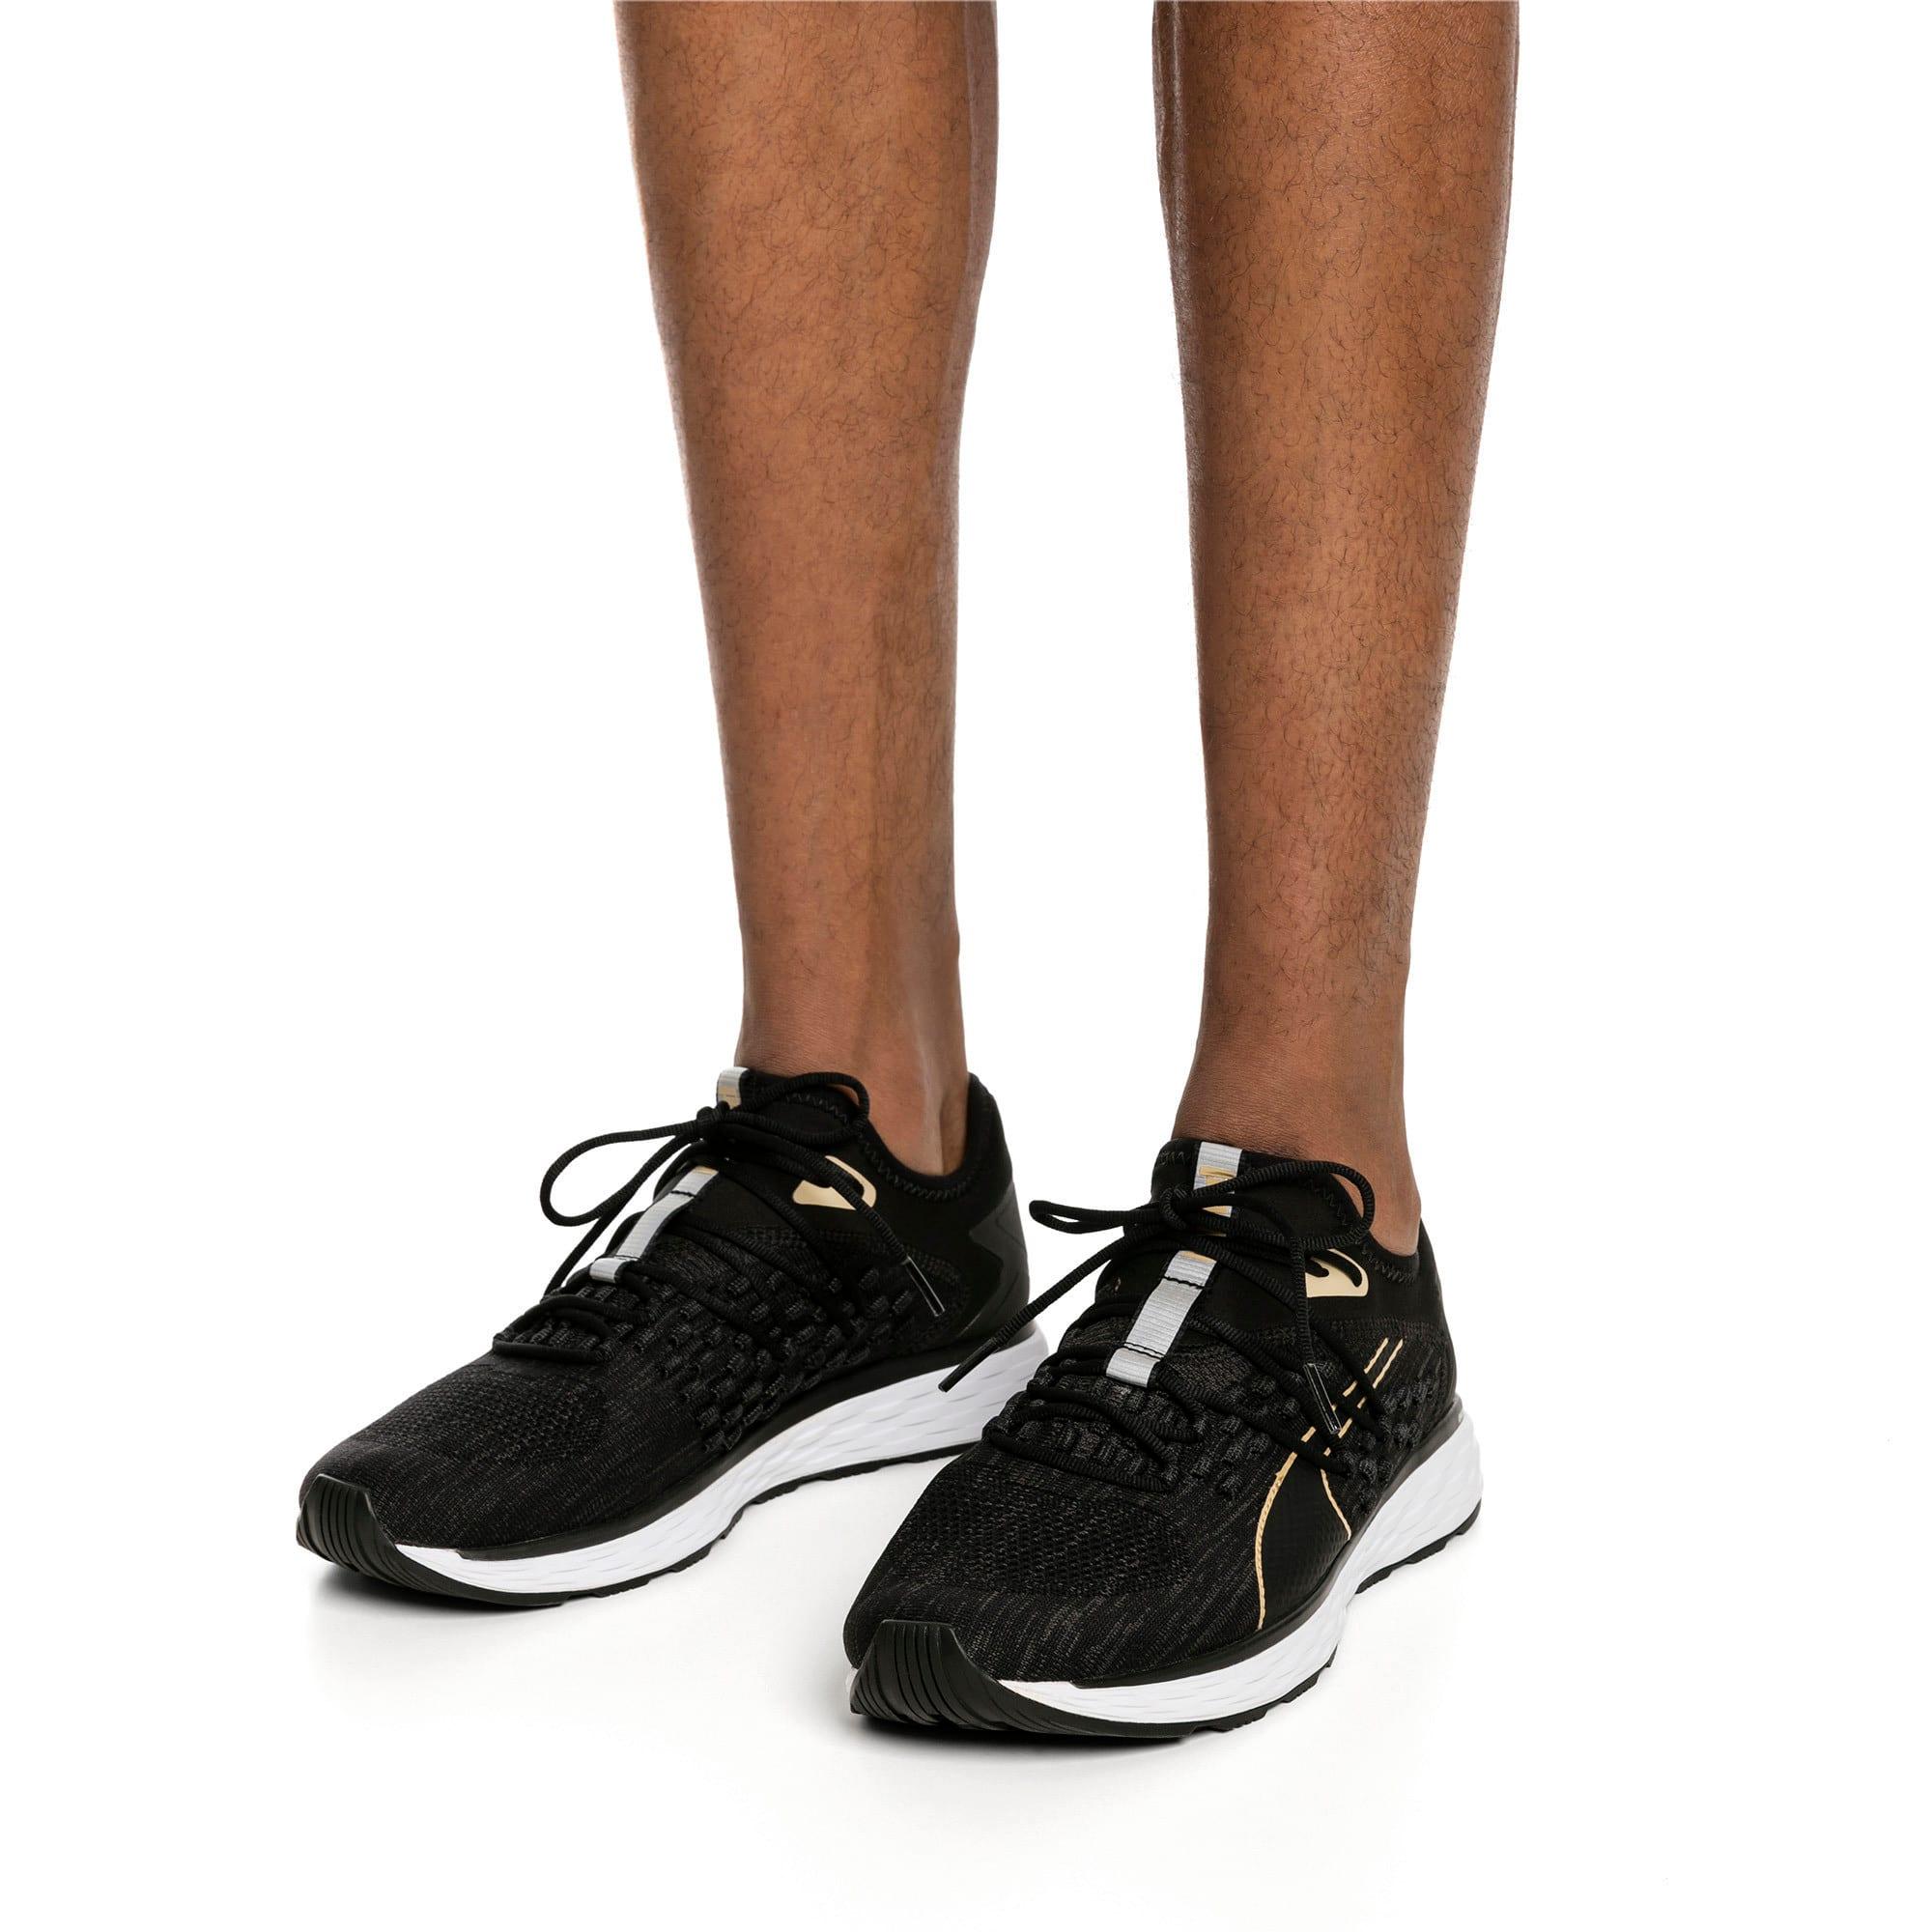 Thumbnail 2 of SPEED FUSEFIT Men's Running Shoes, Black-White-Taos Taupe, medium